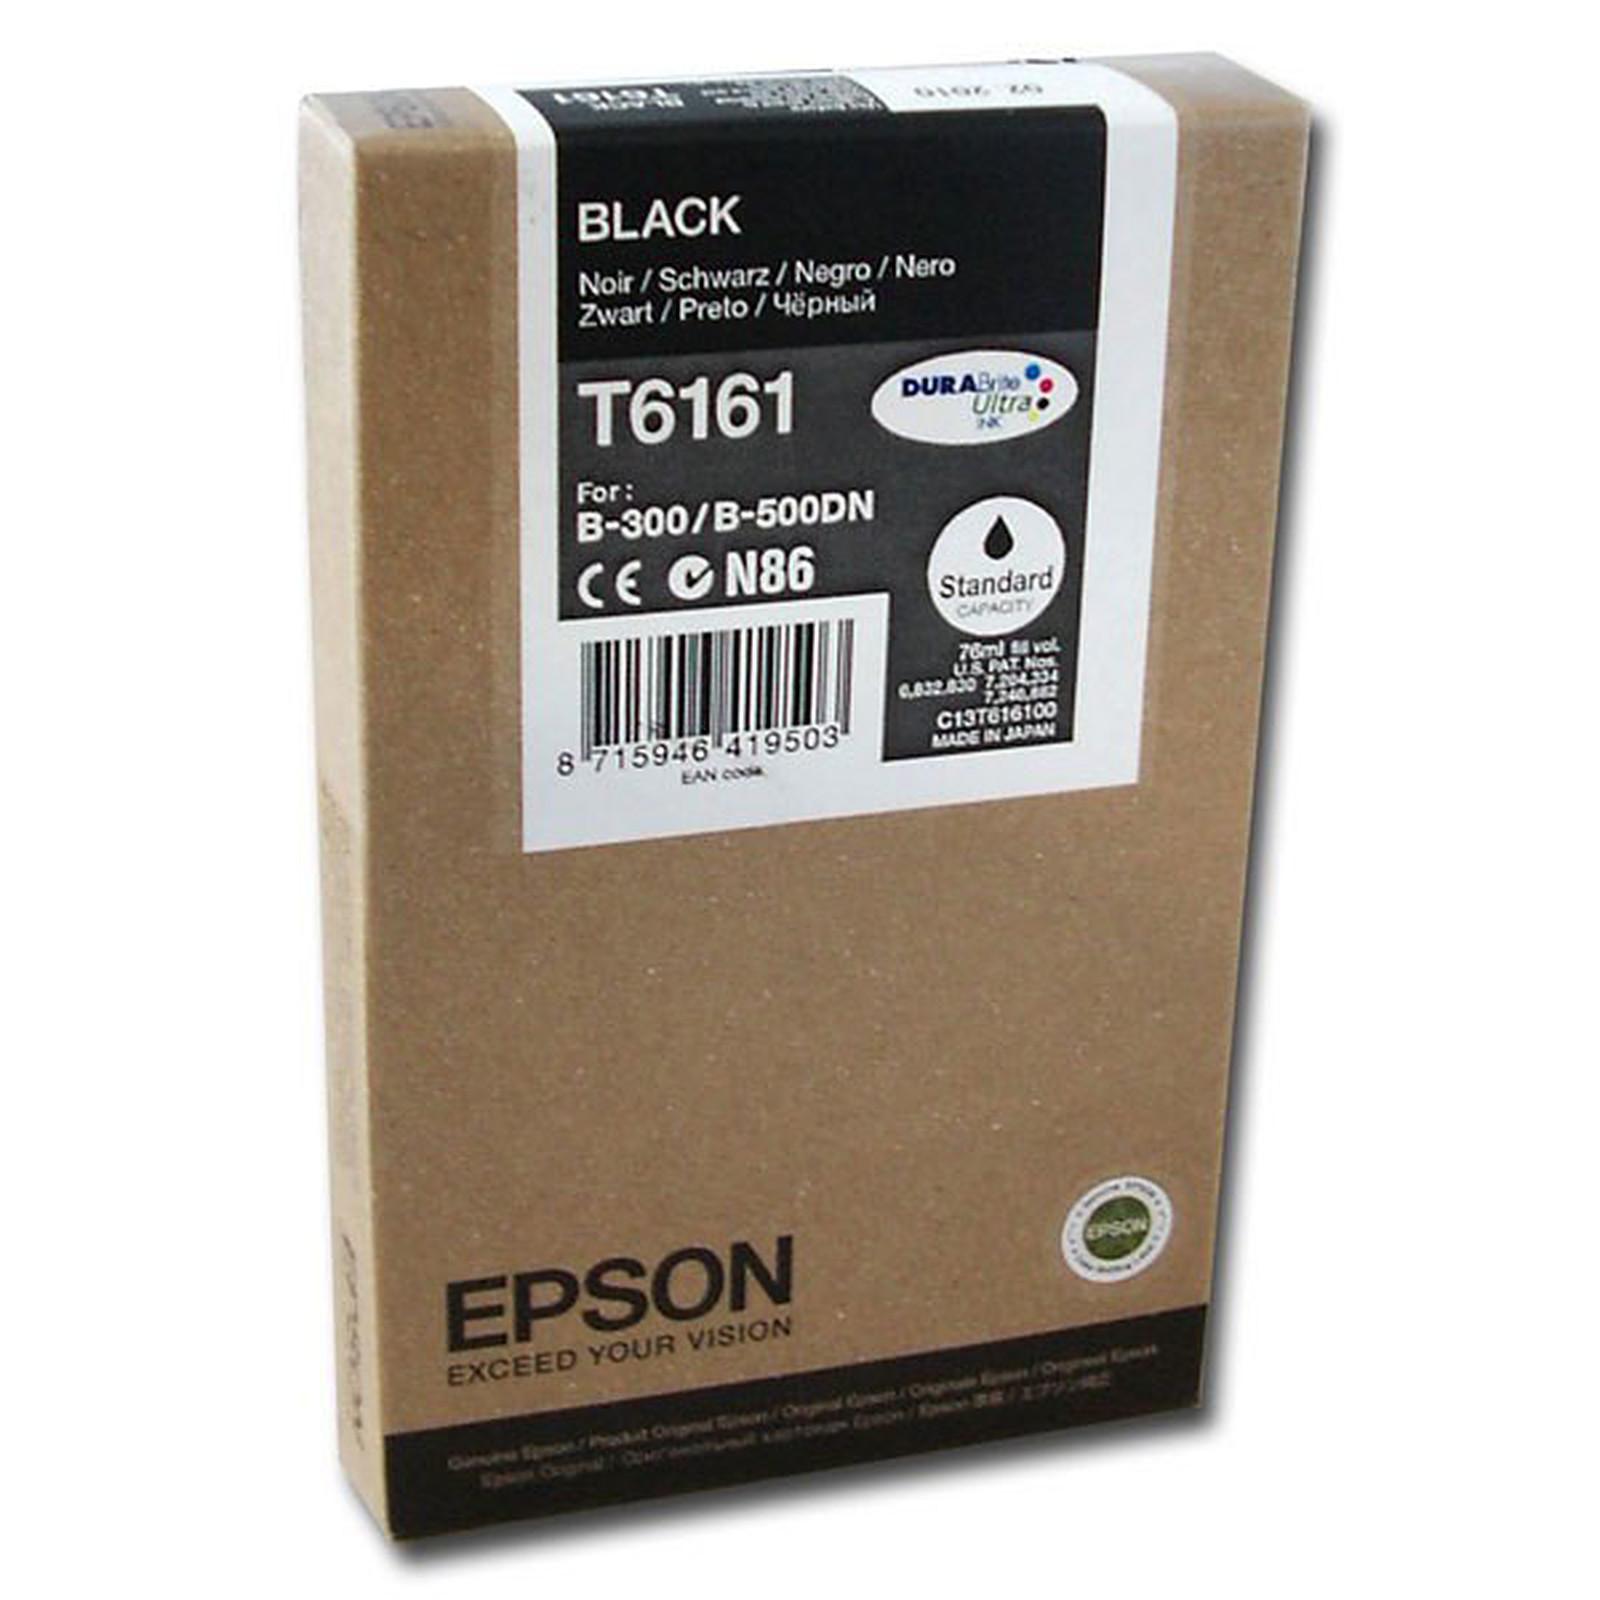 Epson T6161